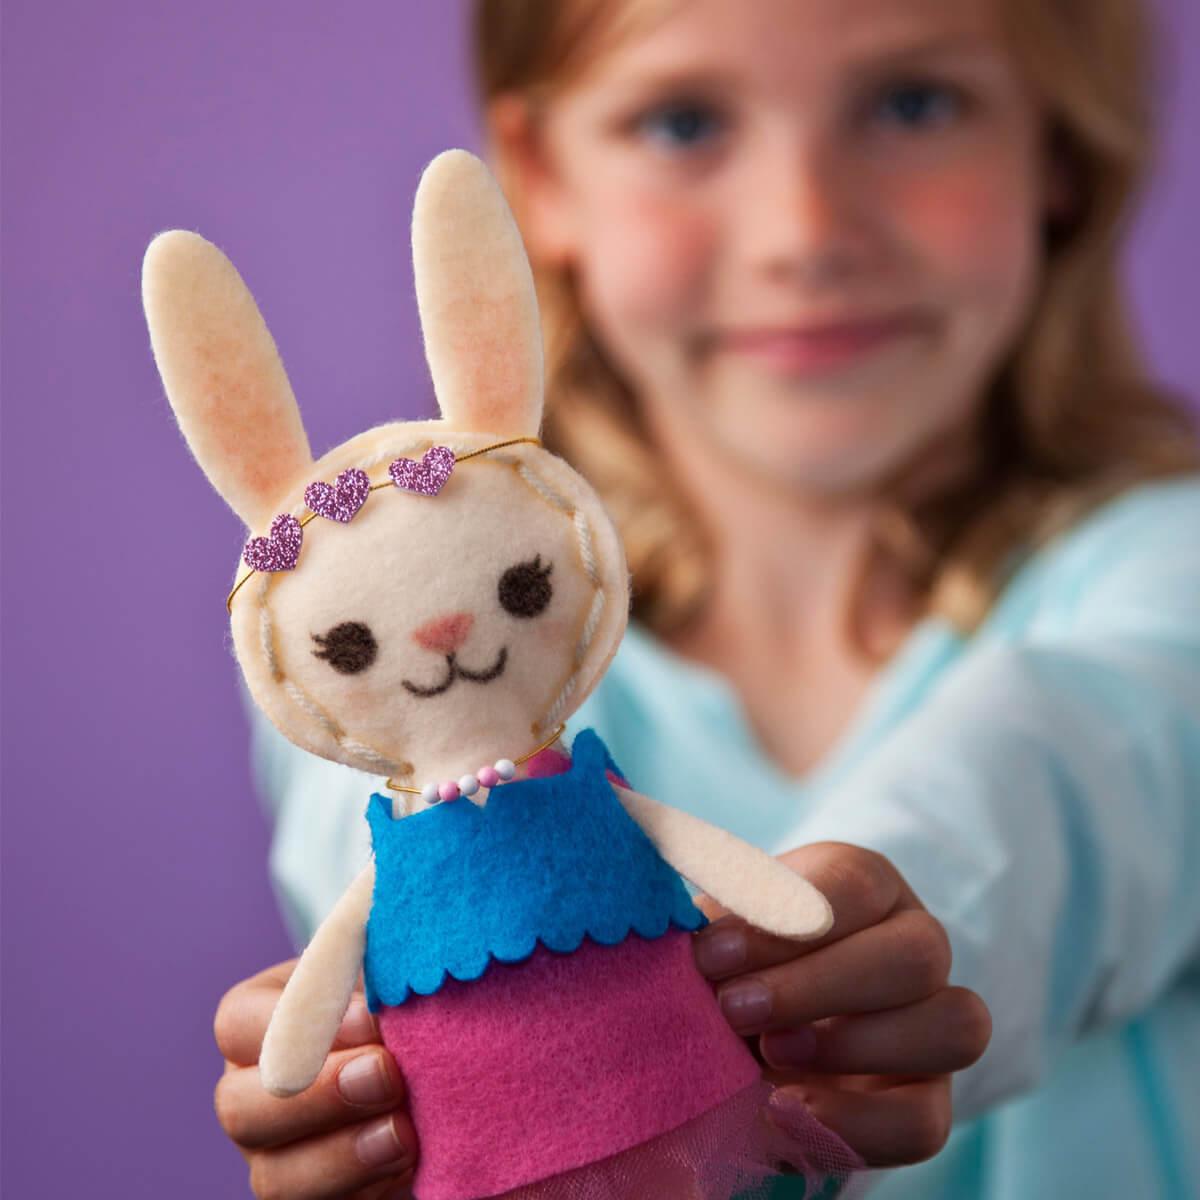 Dress up your DIY bunny